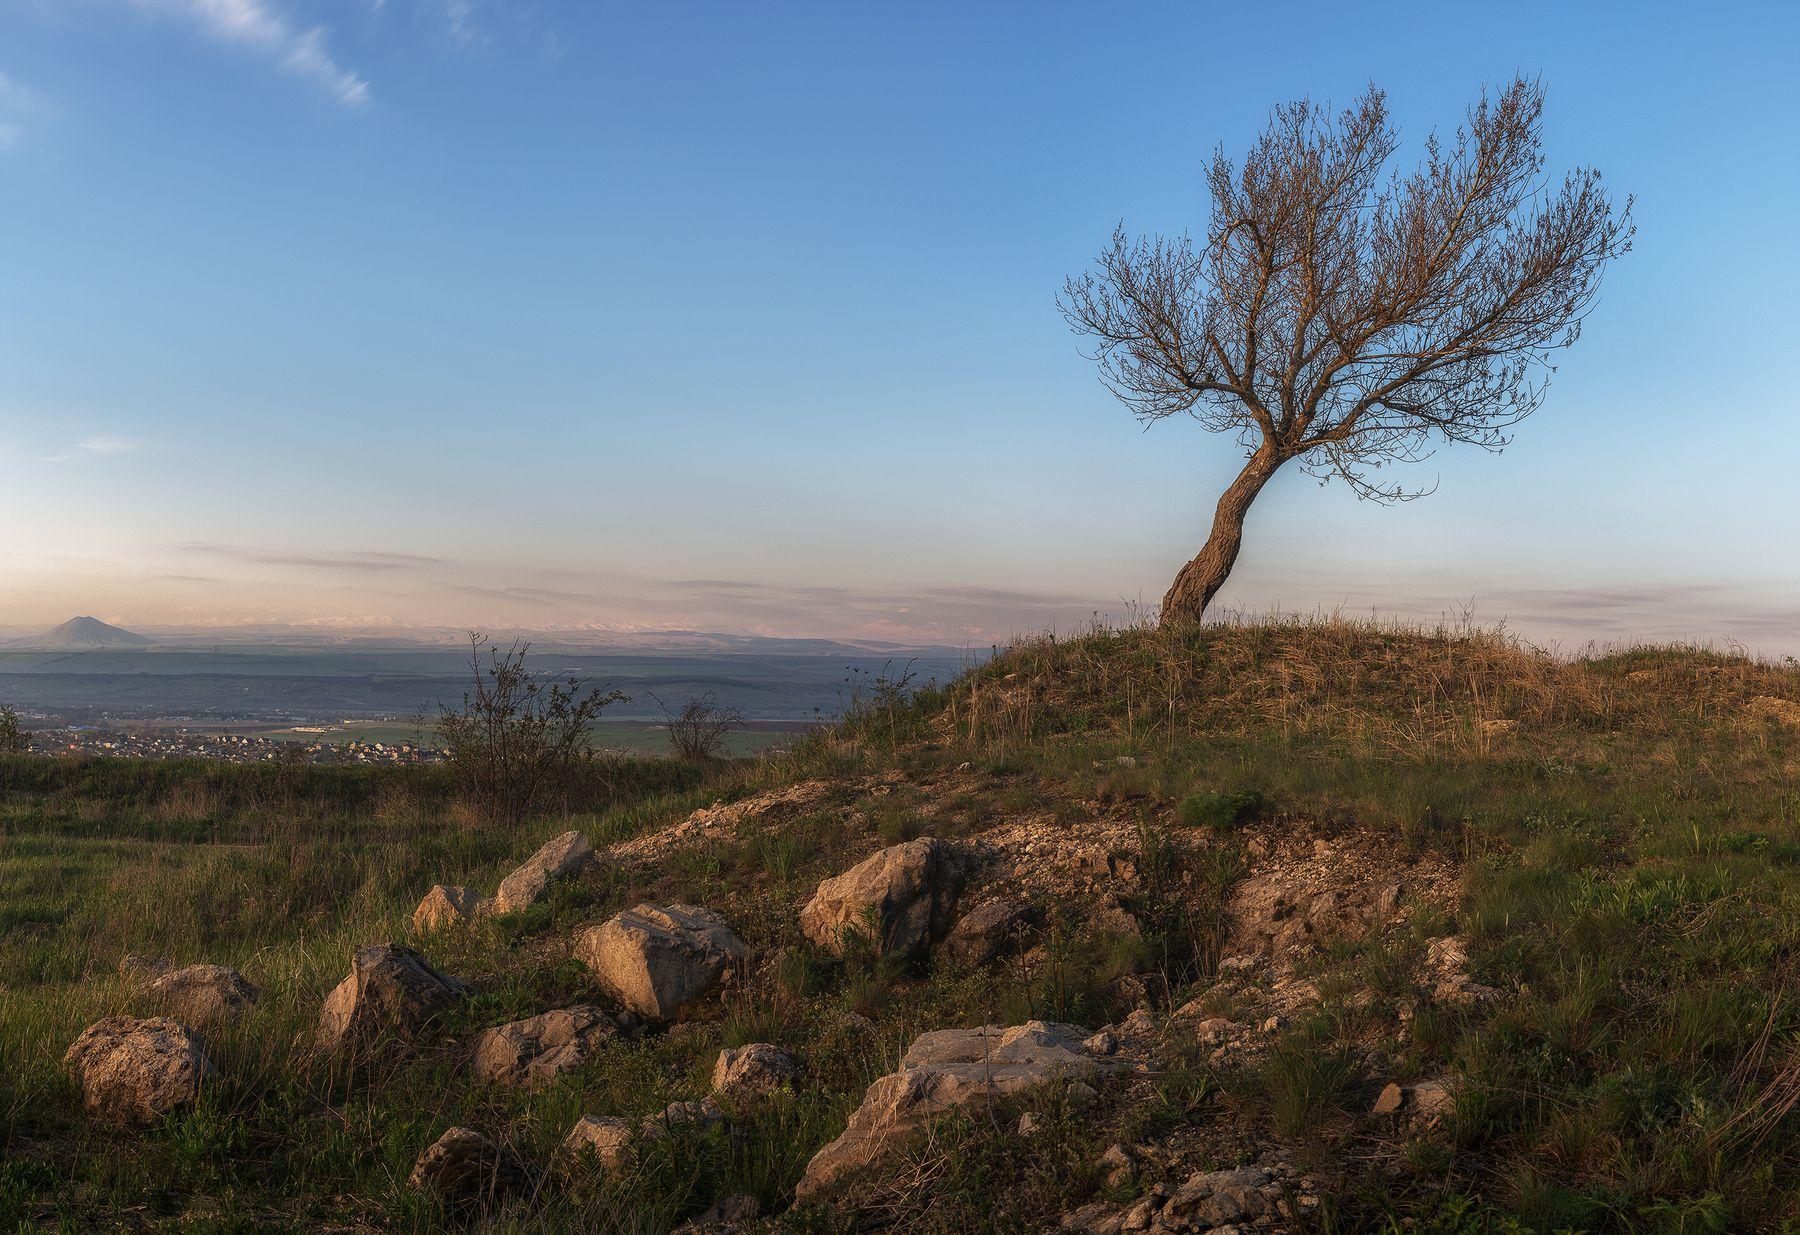 Утренние зарисовки Природа пейзаж горы облака небо рассвет утро дерево Кавказ кмв Россия Алтушкин